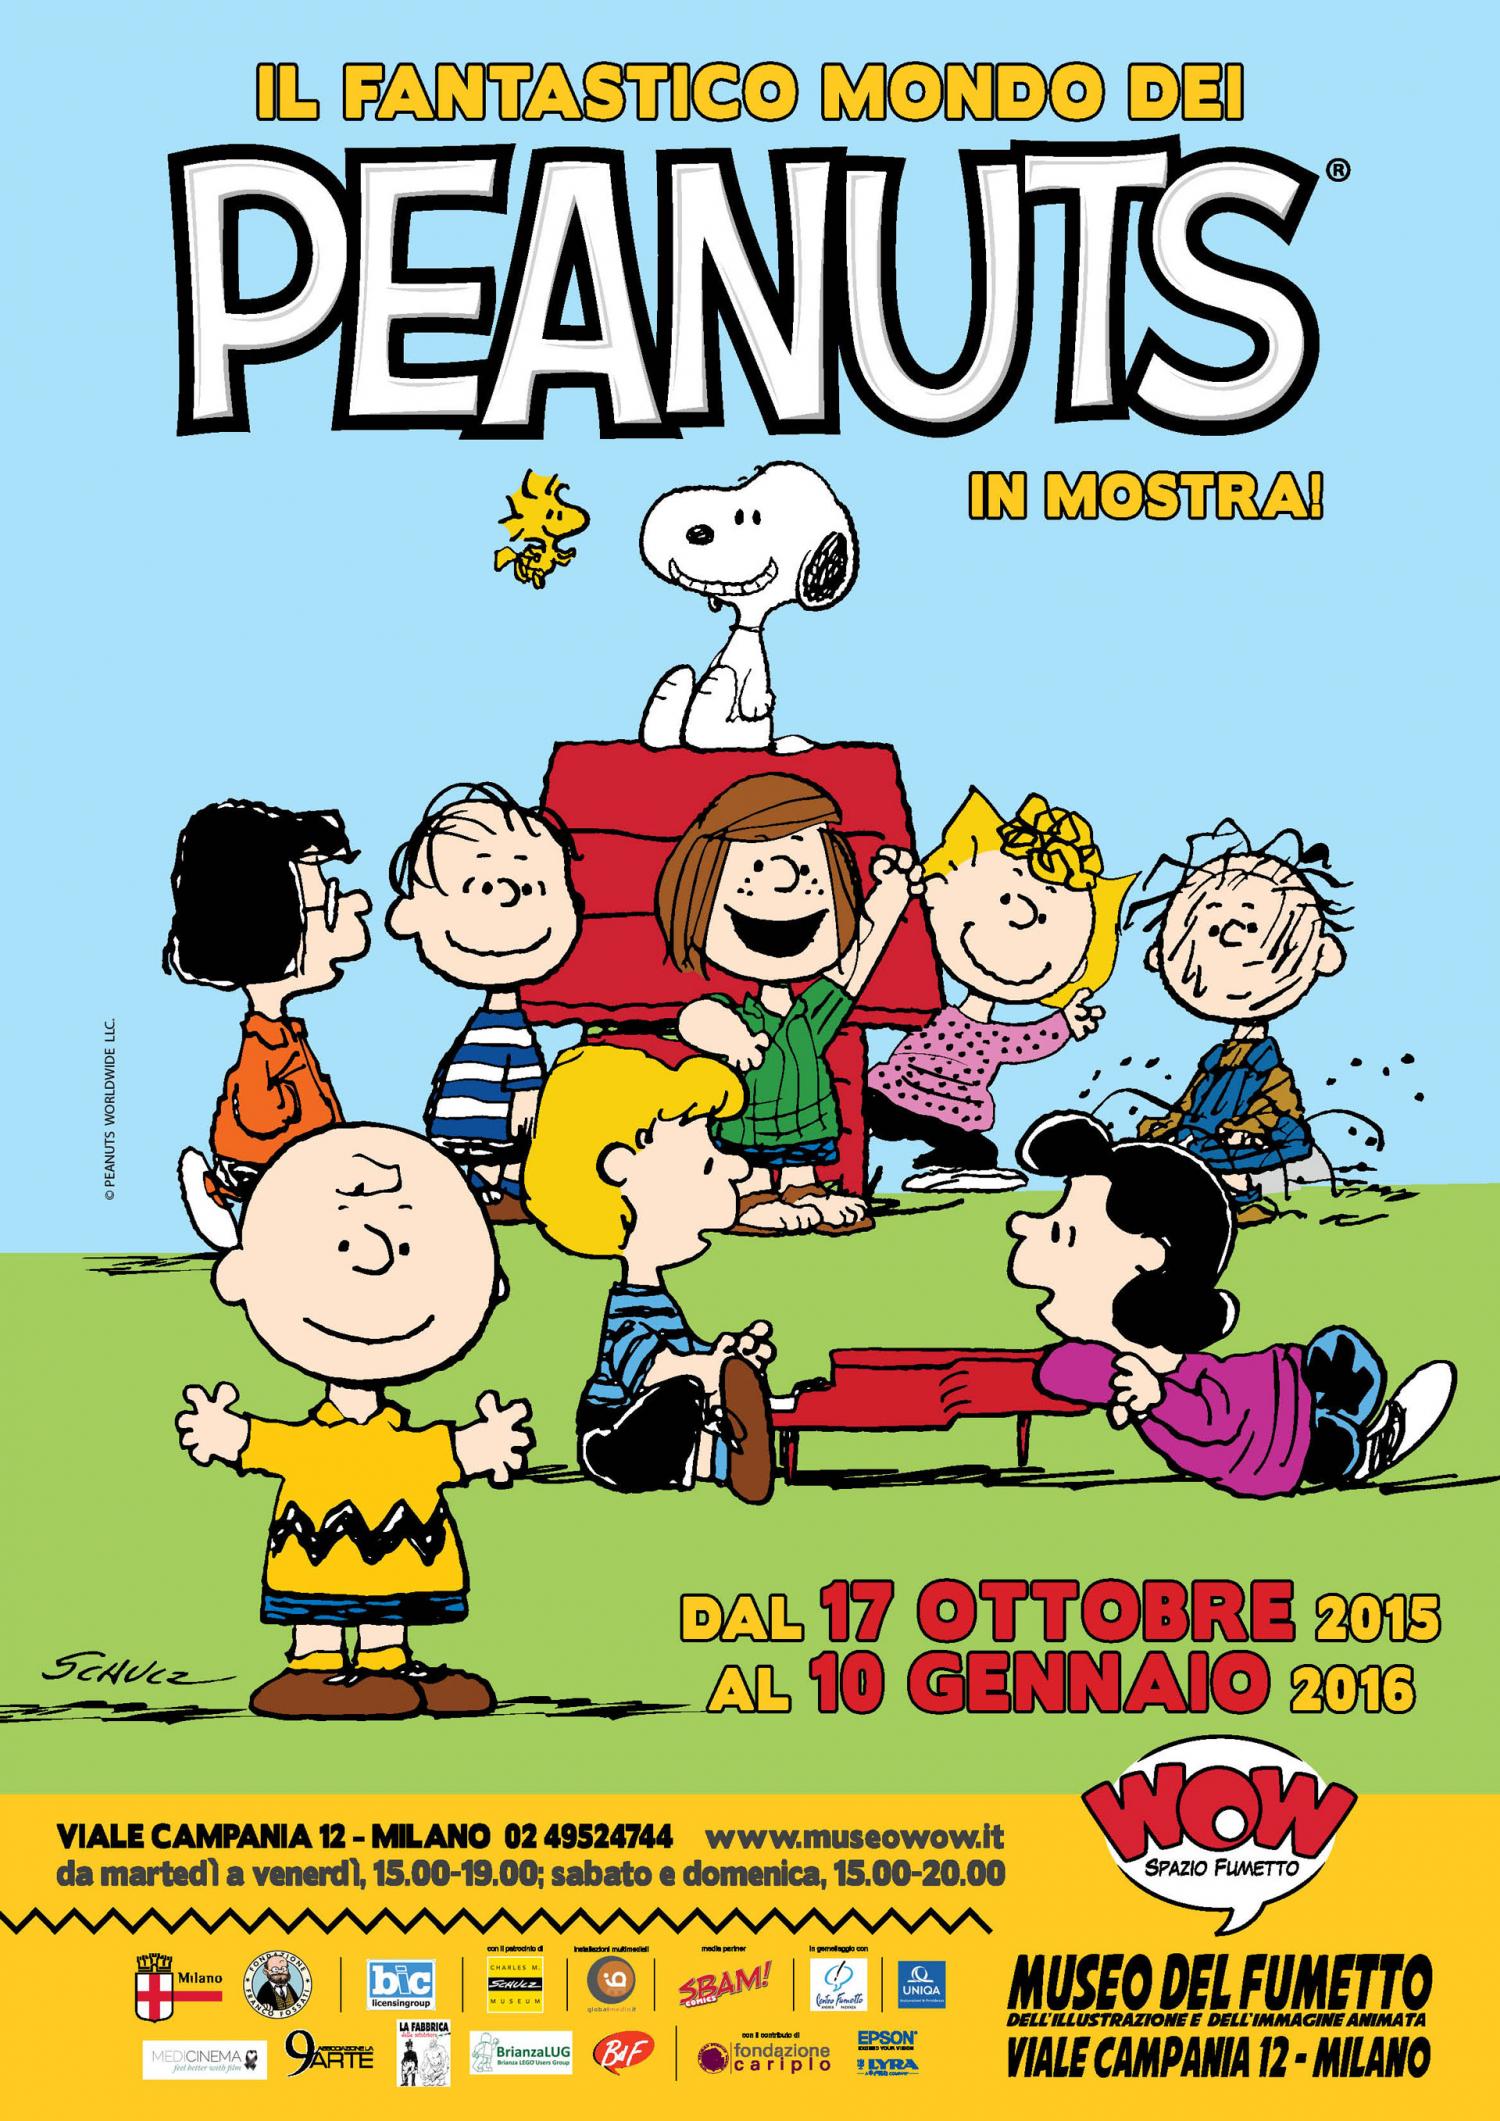 """<p>Per festeggiare il sessantacinquesimo anniversario della nascita dei <strong>Peanuts, </strong>creati dal disegnatore americano Charles Schulz nel 1950, e in occasione dell&rsquo;attesissima uscita del film &ldquo;Snoopy &amp; Friends &ndash; Il film dei Peanuts&rdquo; (nelle sale italiane a partire dal prossimo 5 novembre), presentiamo in collaborazione con <a target=""""_blank"""" href=""""http://www.biclicensing.it/""""><strong>BIC Licensing</strong></a> una mostra davvero unica dedicata al gruppo di bambini pi&ugrave; amato della Storia del Fumetto, che gode del prestigioso patrocinio del <a target=""""_blank"""" href=""""http://schulzmuseum.org/""""><strong>Charles M. Schulz Museum</strong></a> di Santa Rosa (California). Per tutta la durata della mostra saranno organizzati incontri e tavole rotonde con esperti e studiosi, eventi e laboratori di disegno. L&rsquo;impacciato Charlie Brown, la scorbutica Lucy, il tenero Linus, l&rsquo;intraprendente Piperita Patty, il solitario Schroeder e naturalmente l&rsquo;insuperabile Snoopy, pi&ugrave; tutti gli altri membri della compagnia, svelano ai visitatori i segreti del loro successo grazie all&rsquo;esposizione di <strong>tavole originali</strong> del grande Charles Schulz, pannelli biografici, divertenti photoset, statue, installazioni multimediali, video, volumi, riviste, quotidiani d&rsquo;epoca, gadget, giochi, documenti, comic books, manifesti cinematografici che raccontano un successo lungo sessantacinque anni. Nella mostra il visitatore potr&agrave; leggere pi&ugrave; di <strong>500 strisce</strong>, rivedere le scene pi&ugrave; belle dei cartoni animati, scattarsi divertenti fotografie in compagnia del suo personaggio preferito e scoprire nuovi contenuti del film &ldquo;Snoopy &amp; Friends&rdquo;! IL FANTASTICO MONDO DEI PEANUTS dedica a questo incredibile fenomeno di editoria e costume un doppio percorso tematico e cronologico che illustra al visitatore come le storie dei Peanuts si sono evolute nei contenuti&nbsp; grazie a pre"""